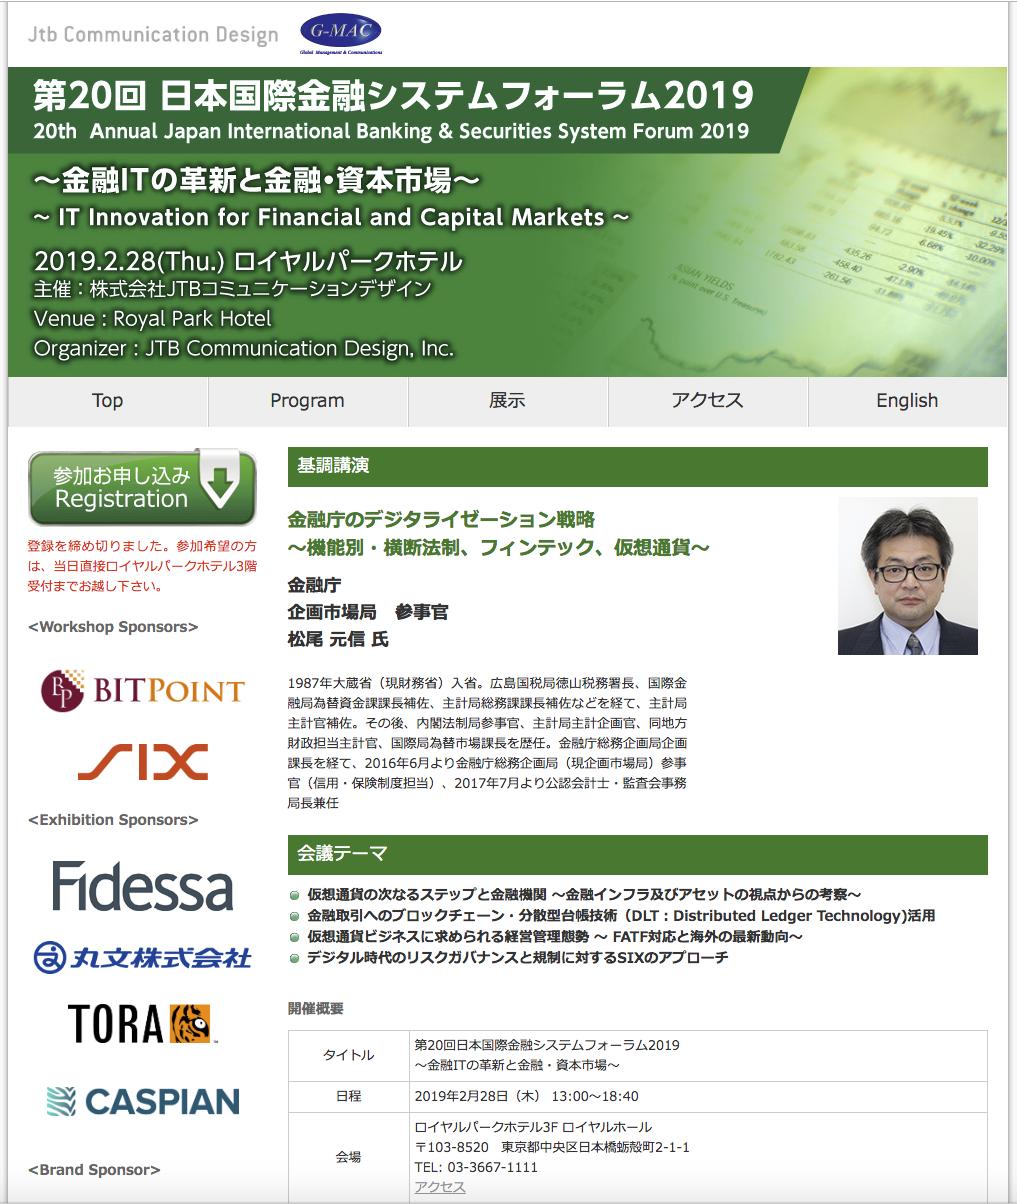 第20回日本国際金融システムフォーラム2019